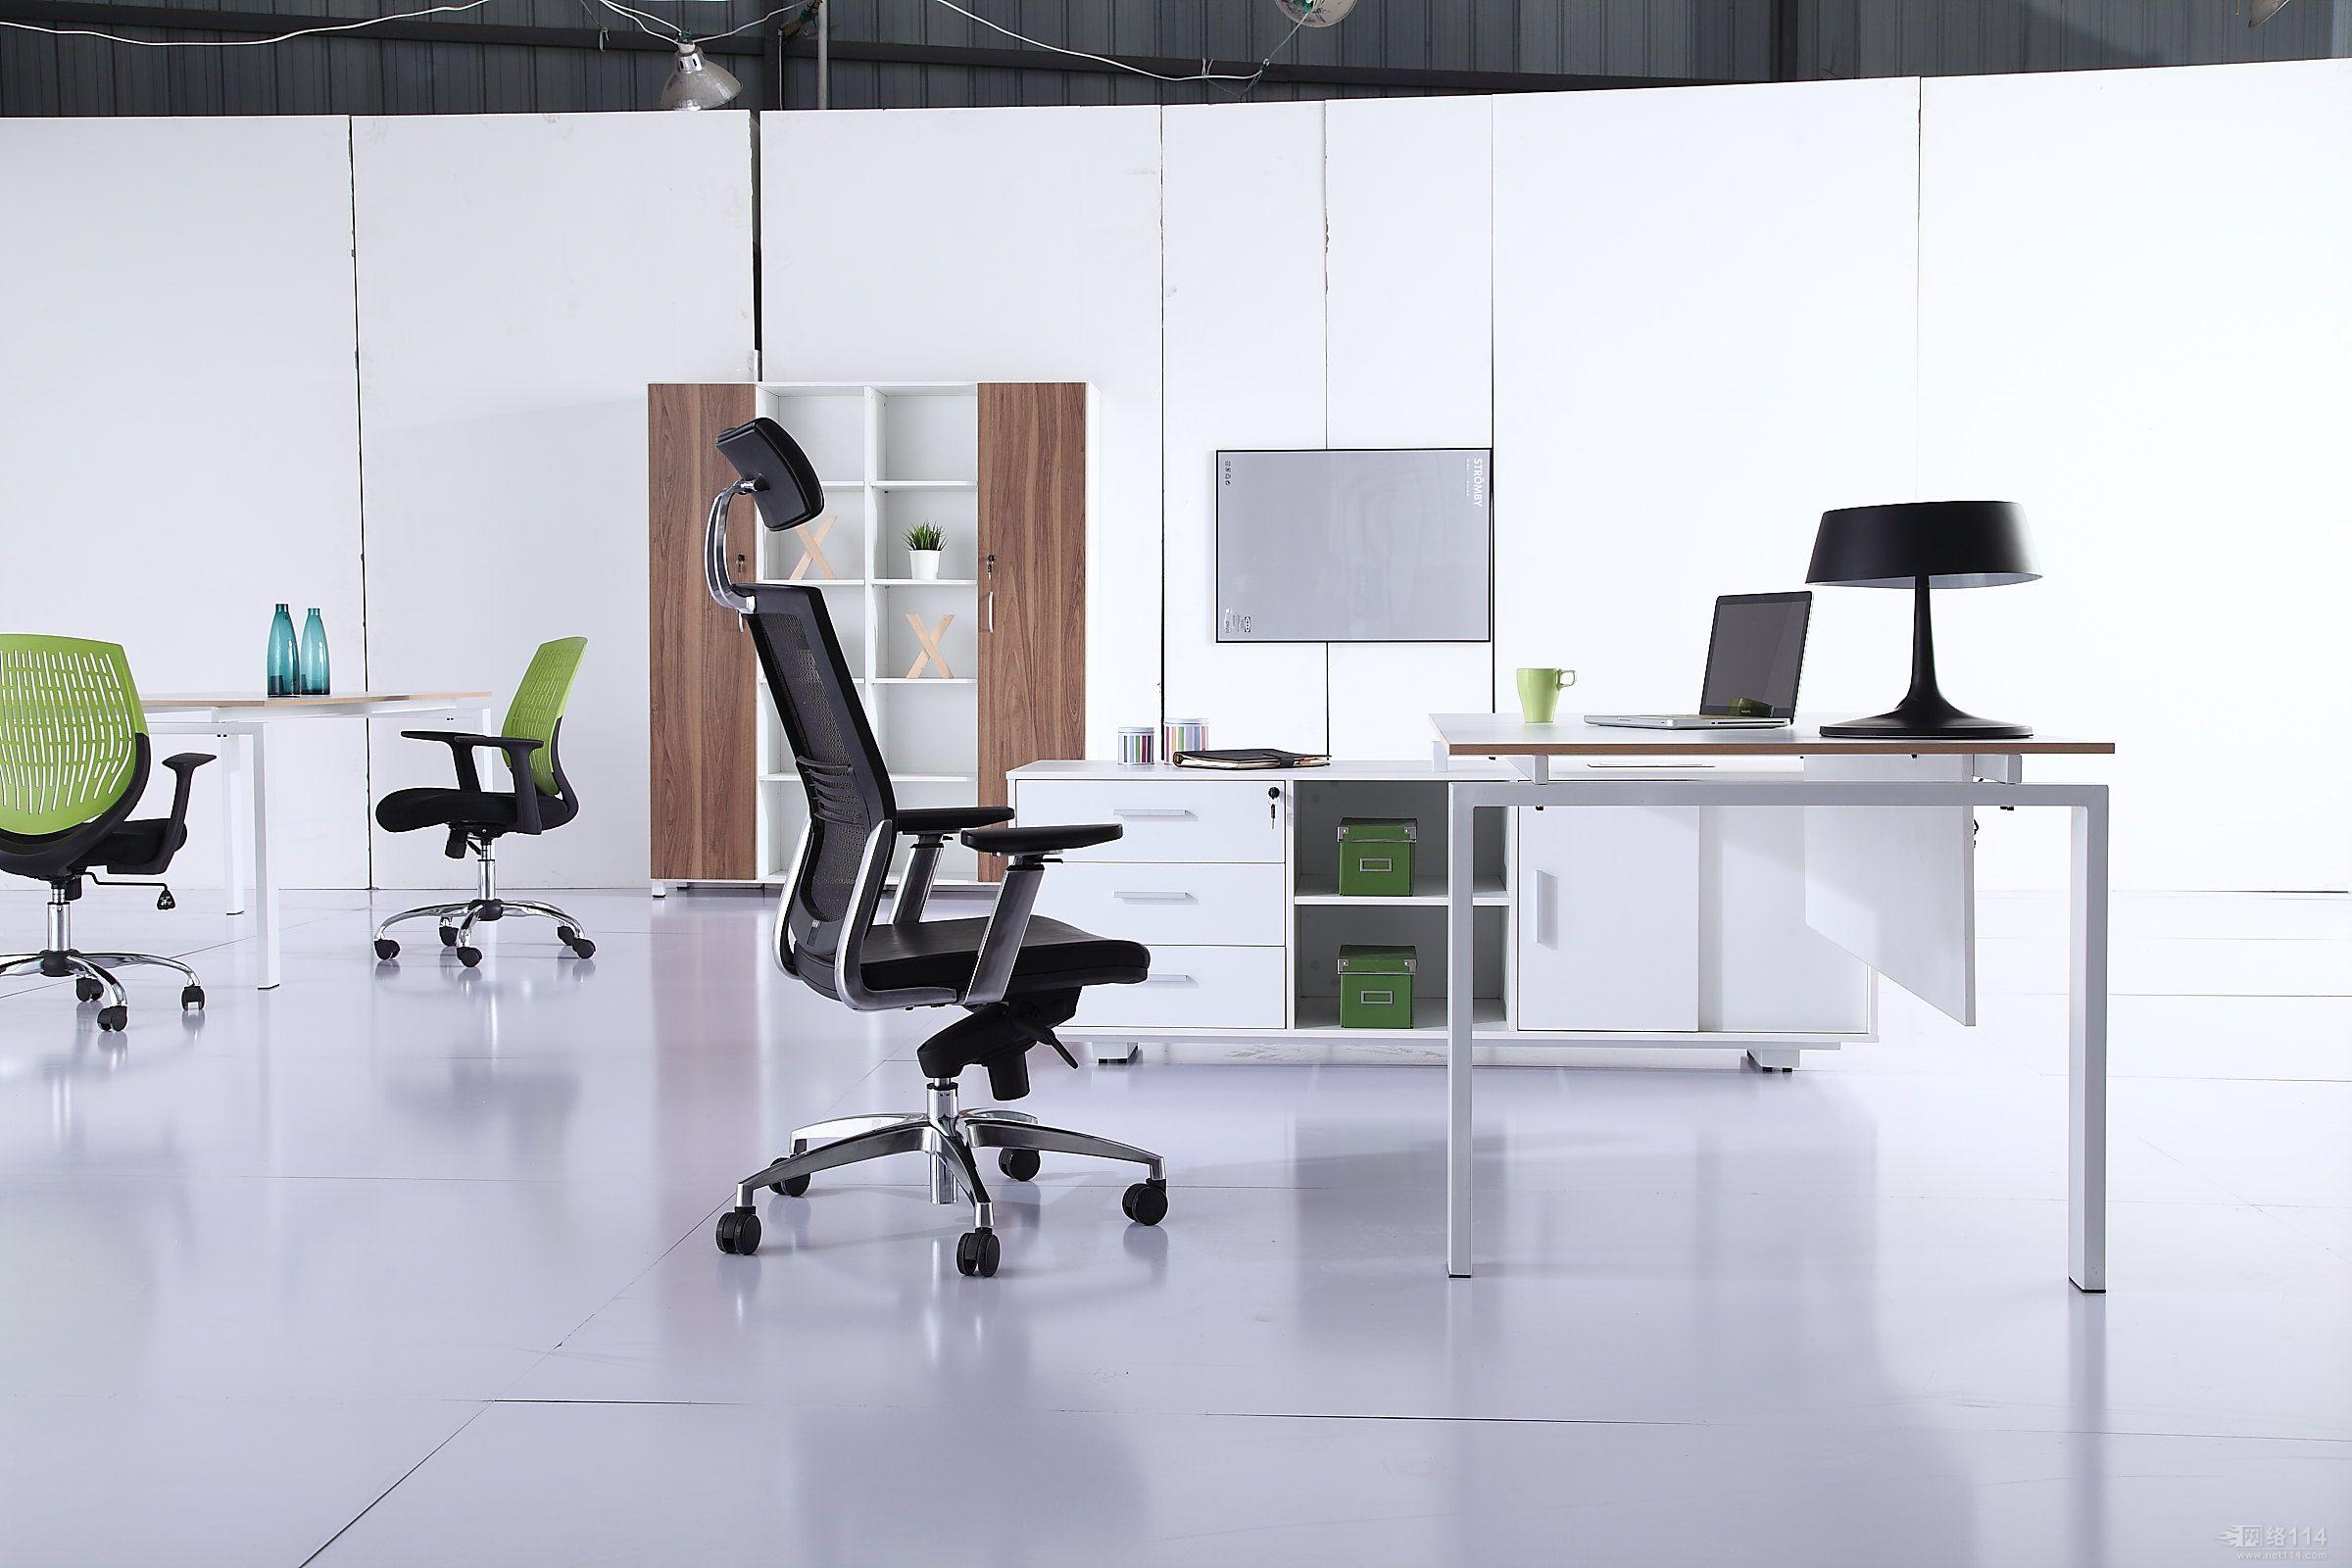 創造一個完美的辦公室空間,不僅能夠提高工作效率,也能夠提高企業整體形象。那么應該如何創造一個完美的辦公室空間?下面杭州一禧辦公室裝修設計小編就為大家介紹一下,辦公室家具應該如何搭配,才能創造一個完美的辦公室空間:   家具款式    多樣式組合選擇,互相搭配運用,不受空間及時間的限制,發揮出組合的最高效能,使用者可按照自己的喜好增加組合功能。   家具規格    1:充分考慮安全性、持久性等是辦公家具的基本要求:;   2:除了制式規定的尺寸外,還可依照現場需求去定制,不僅能充分利用空間,更能就使用性質